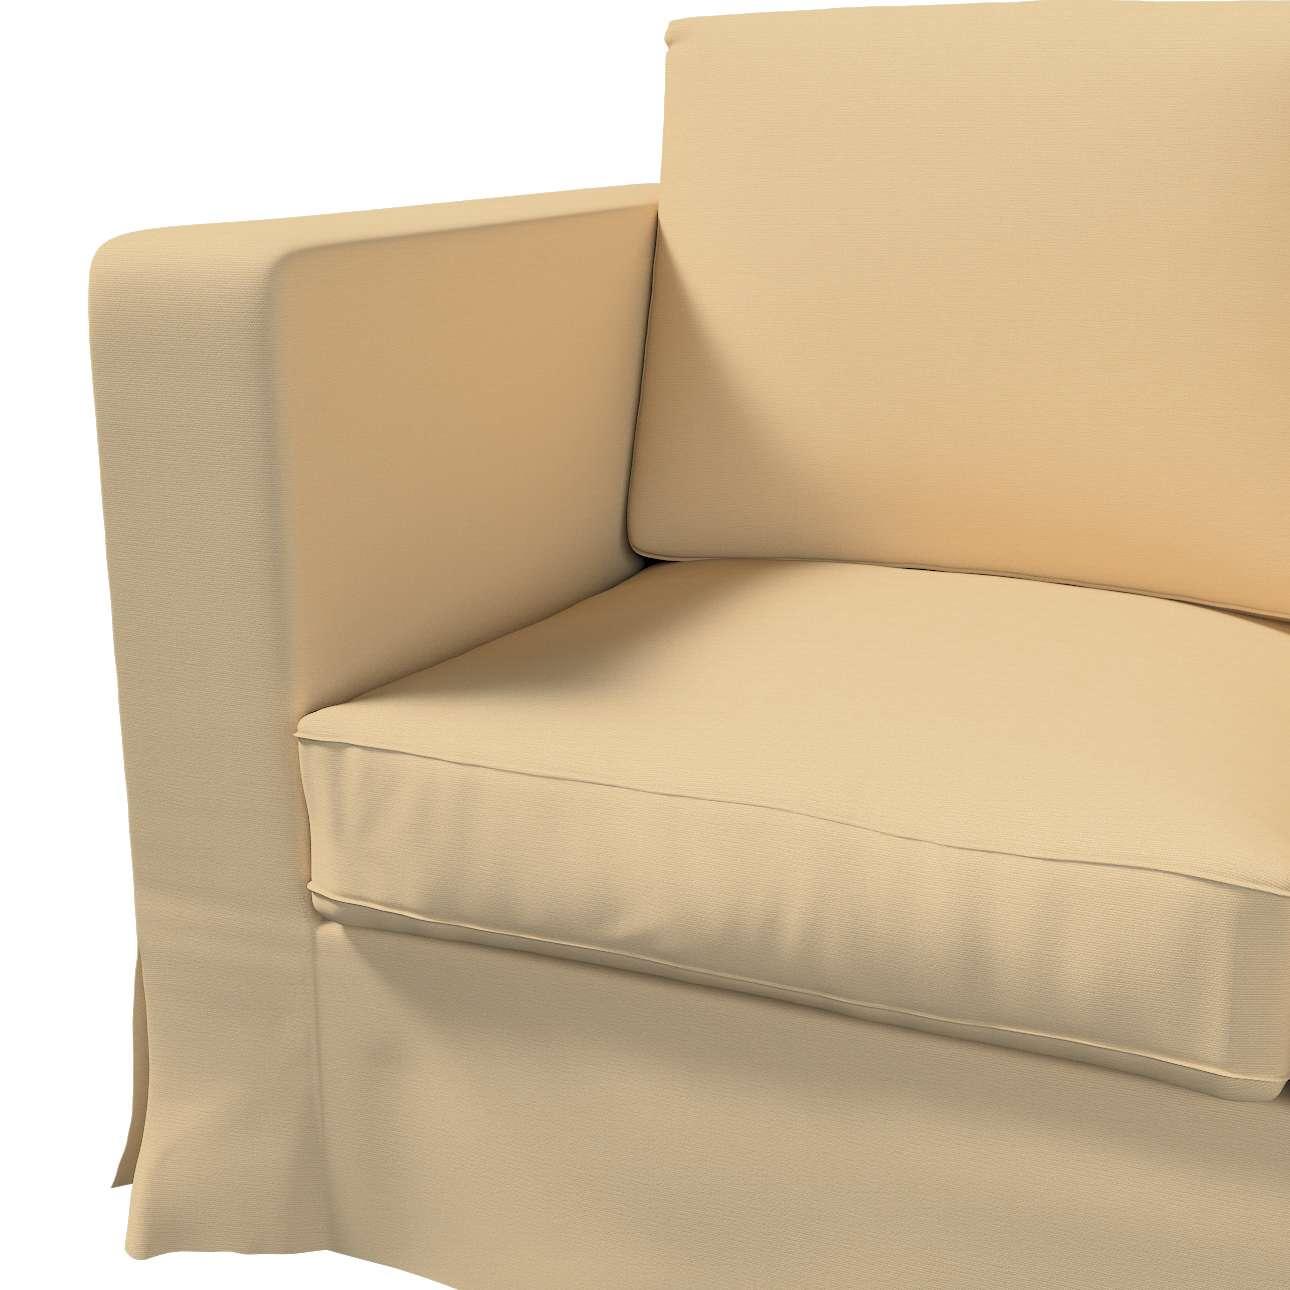 Bezug für Karlanda 3-Sitzer Sofa nicht ausklappbar, lang von der Kollektion Cotton Panama, Stoff: 702-01